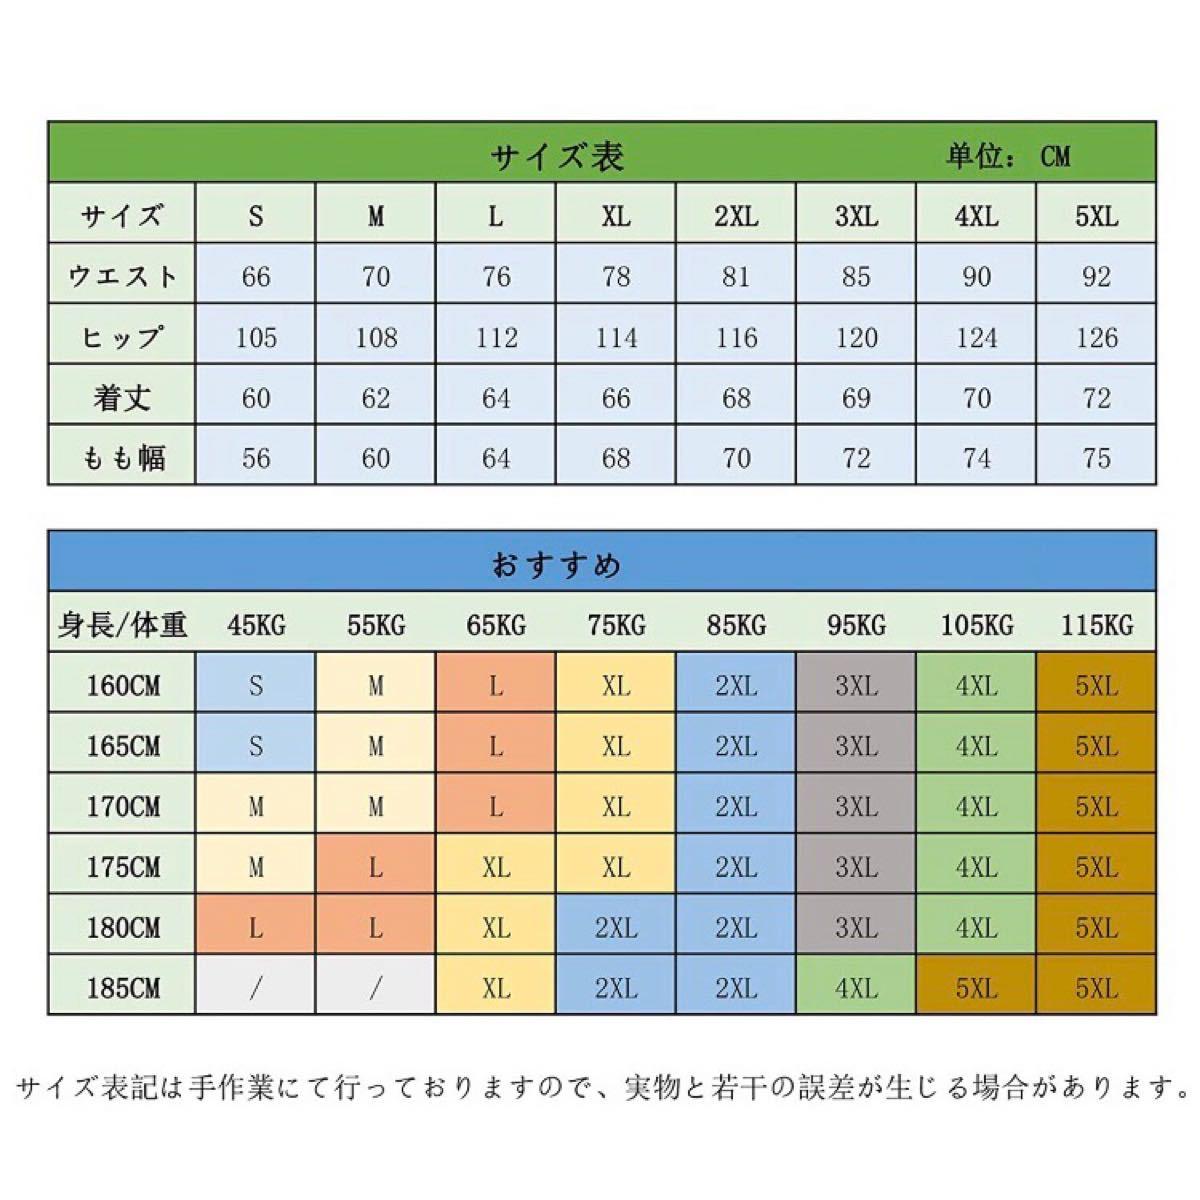 L ハーフパンツ サルエルパンツ メンズ  七分丈 綿 紺色 ネイビー 韓国